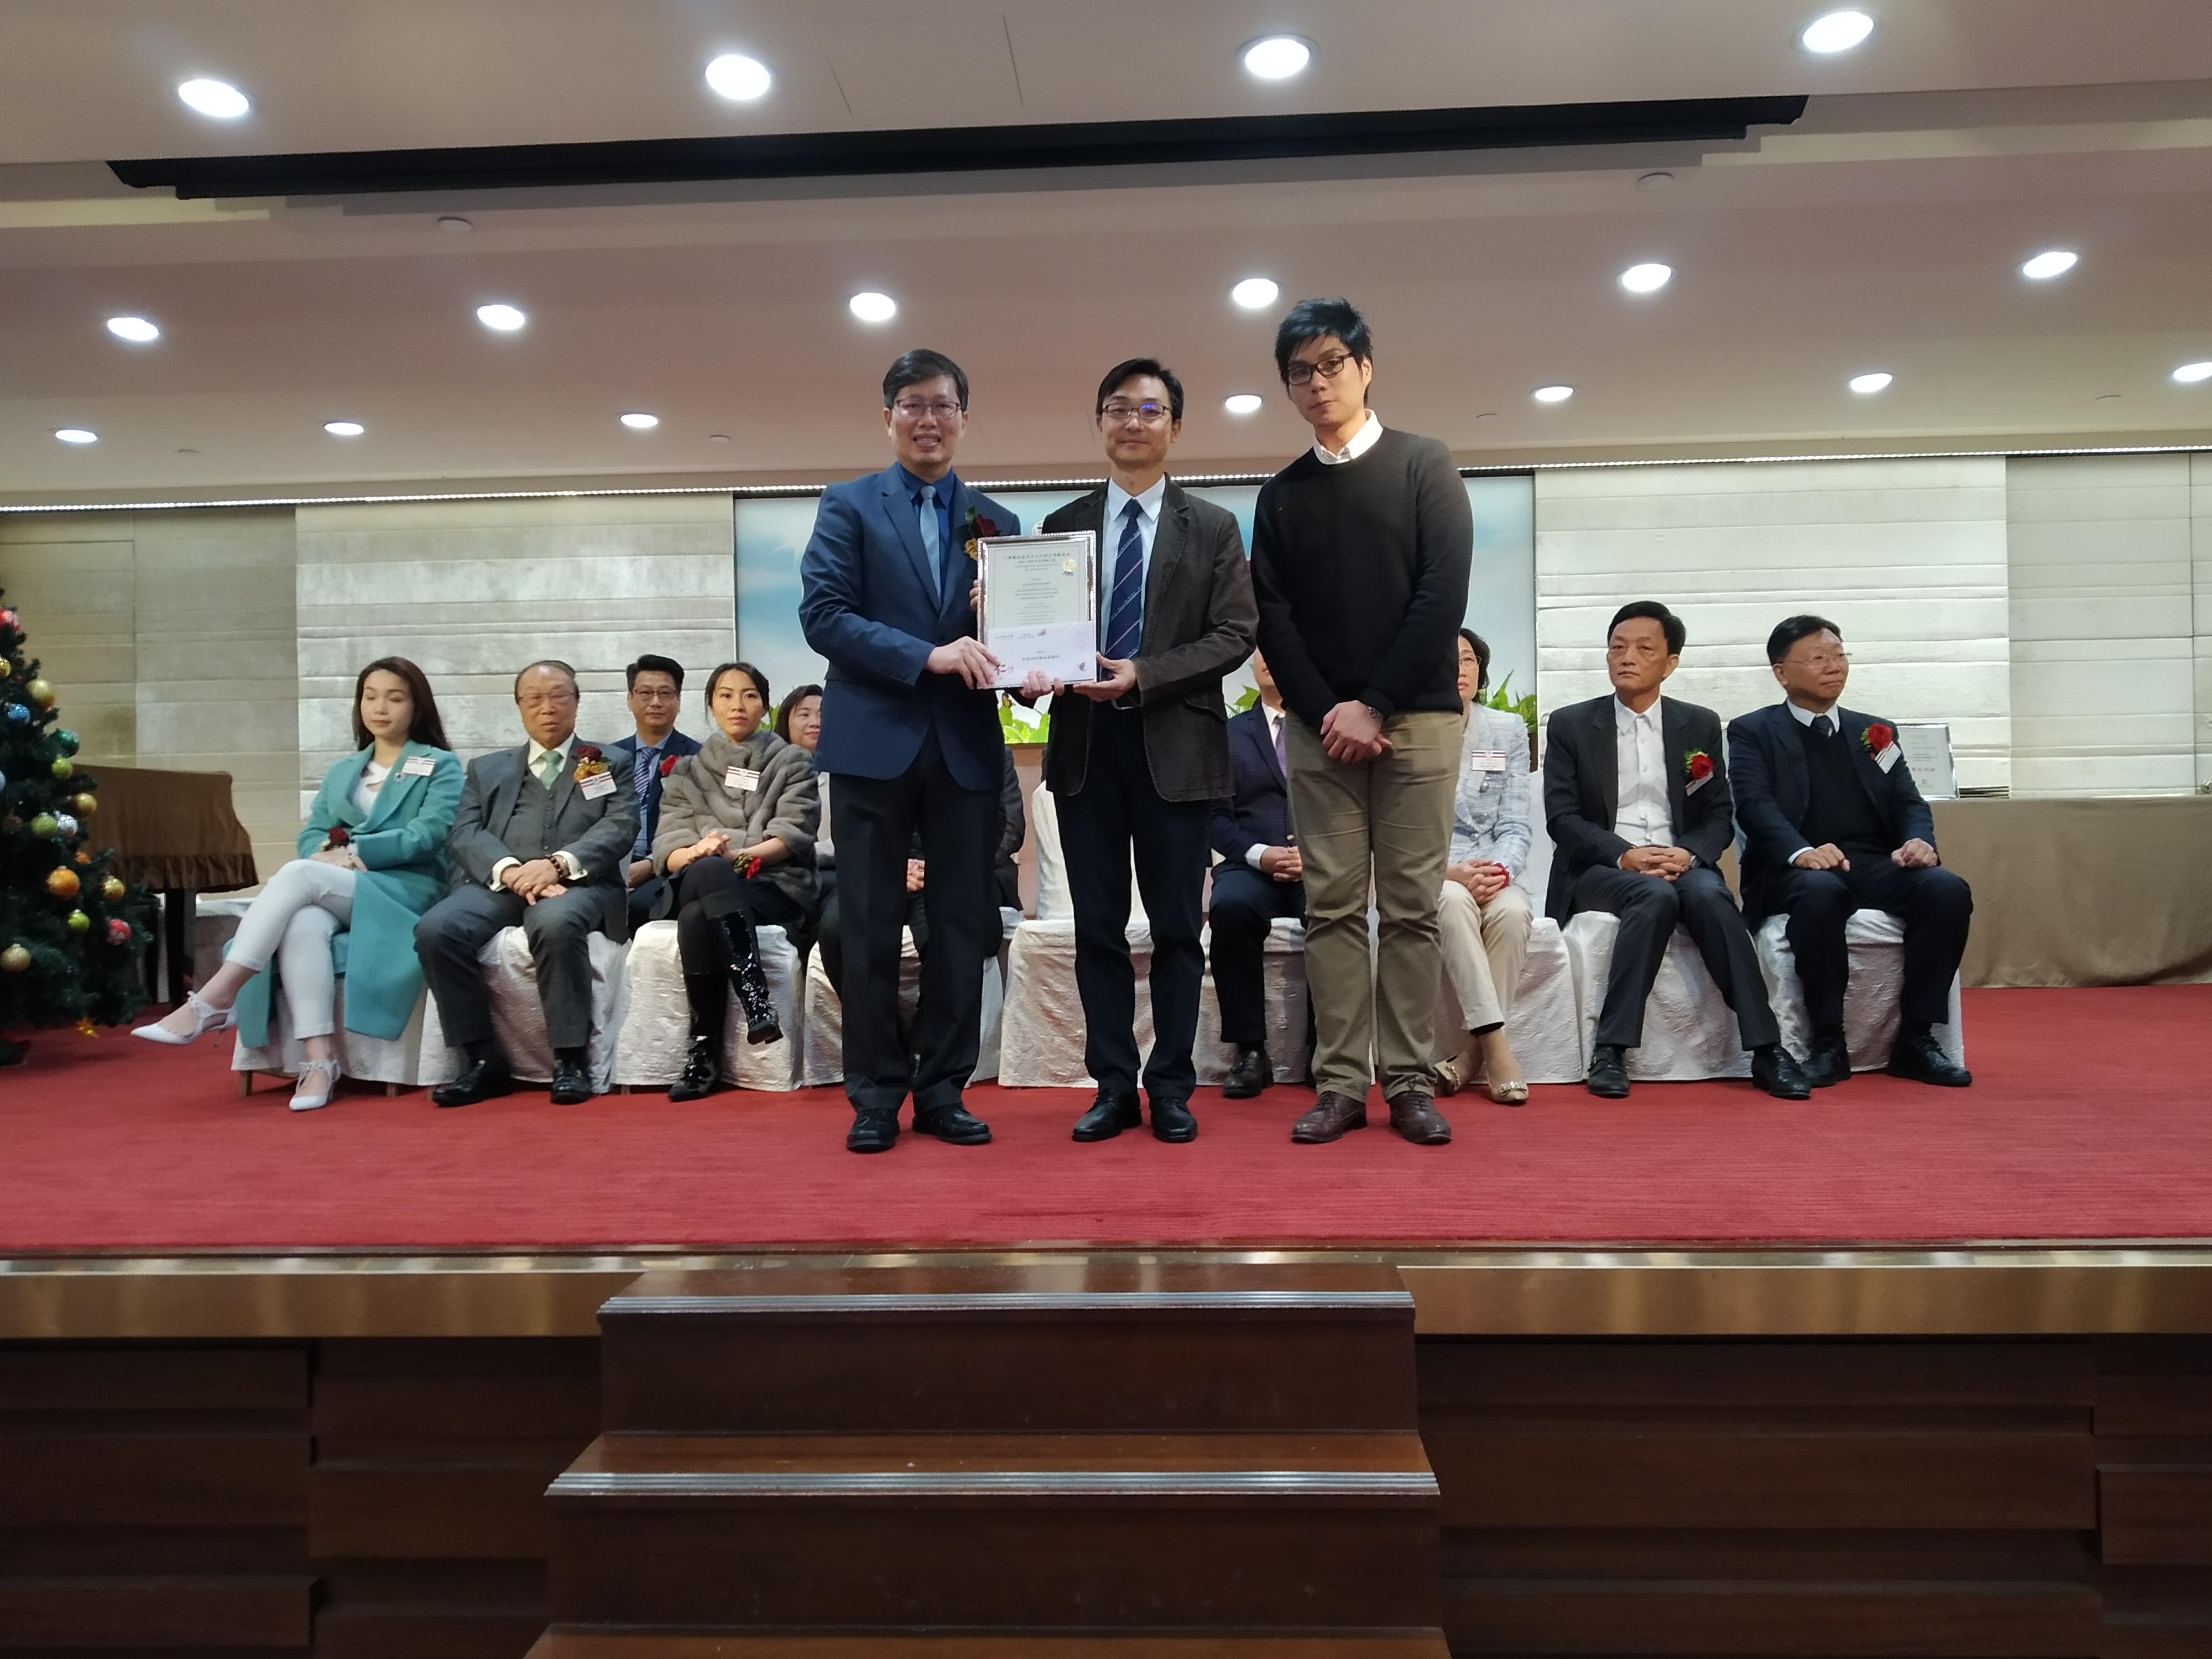 Prestigious Award of Moral and Civic Education in SPKC